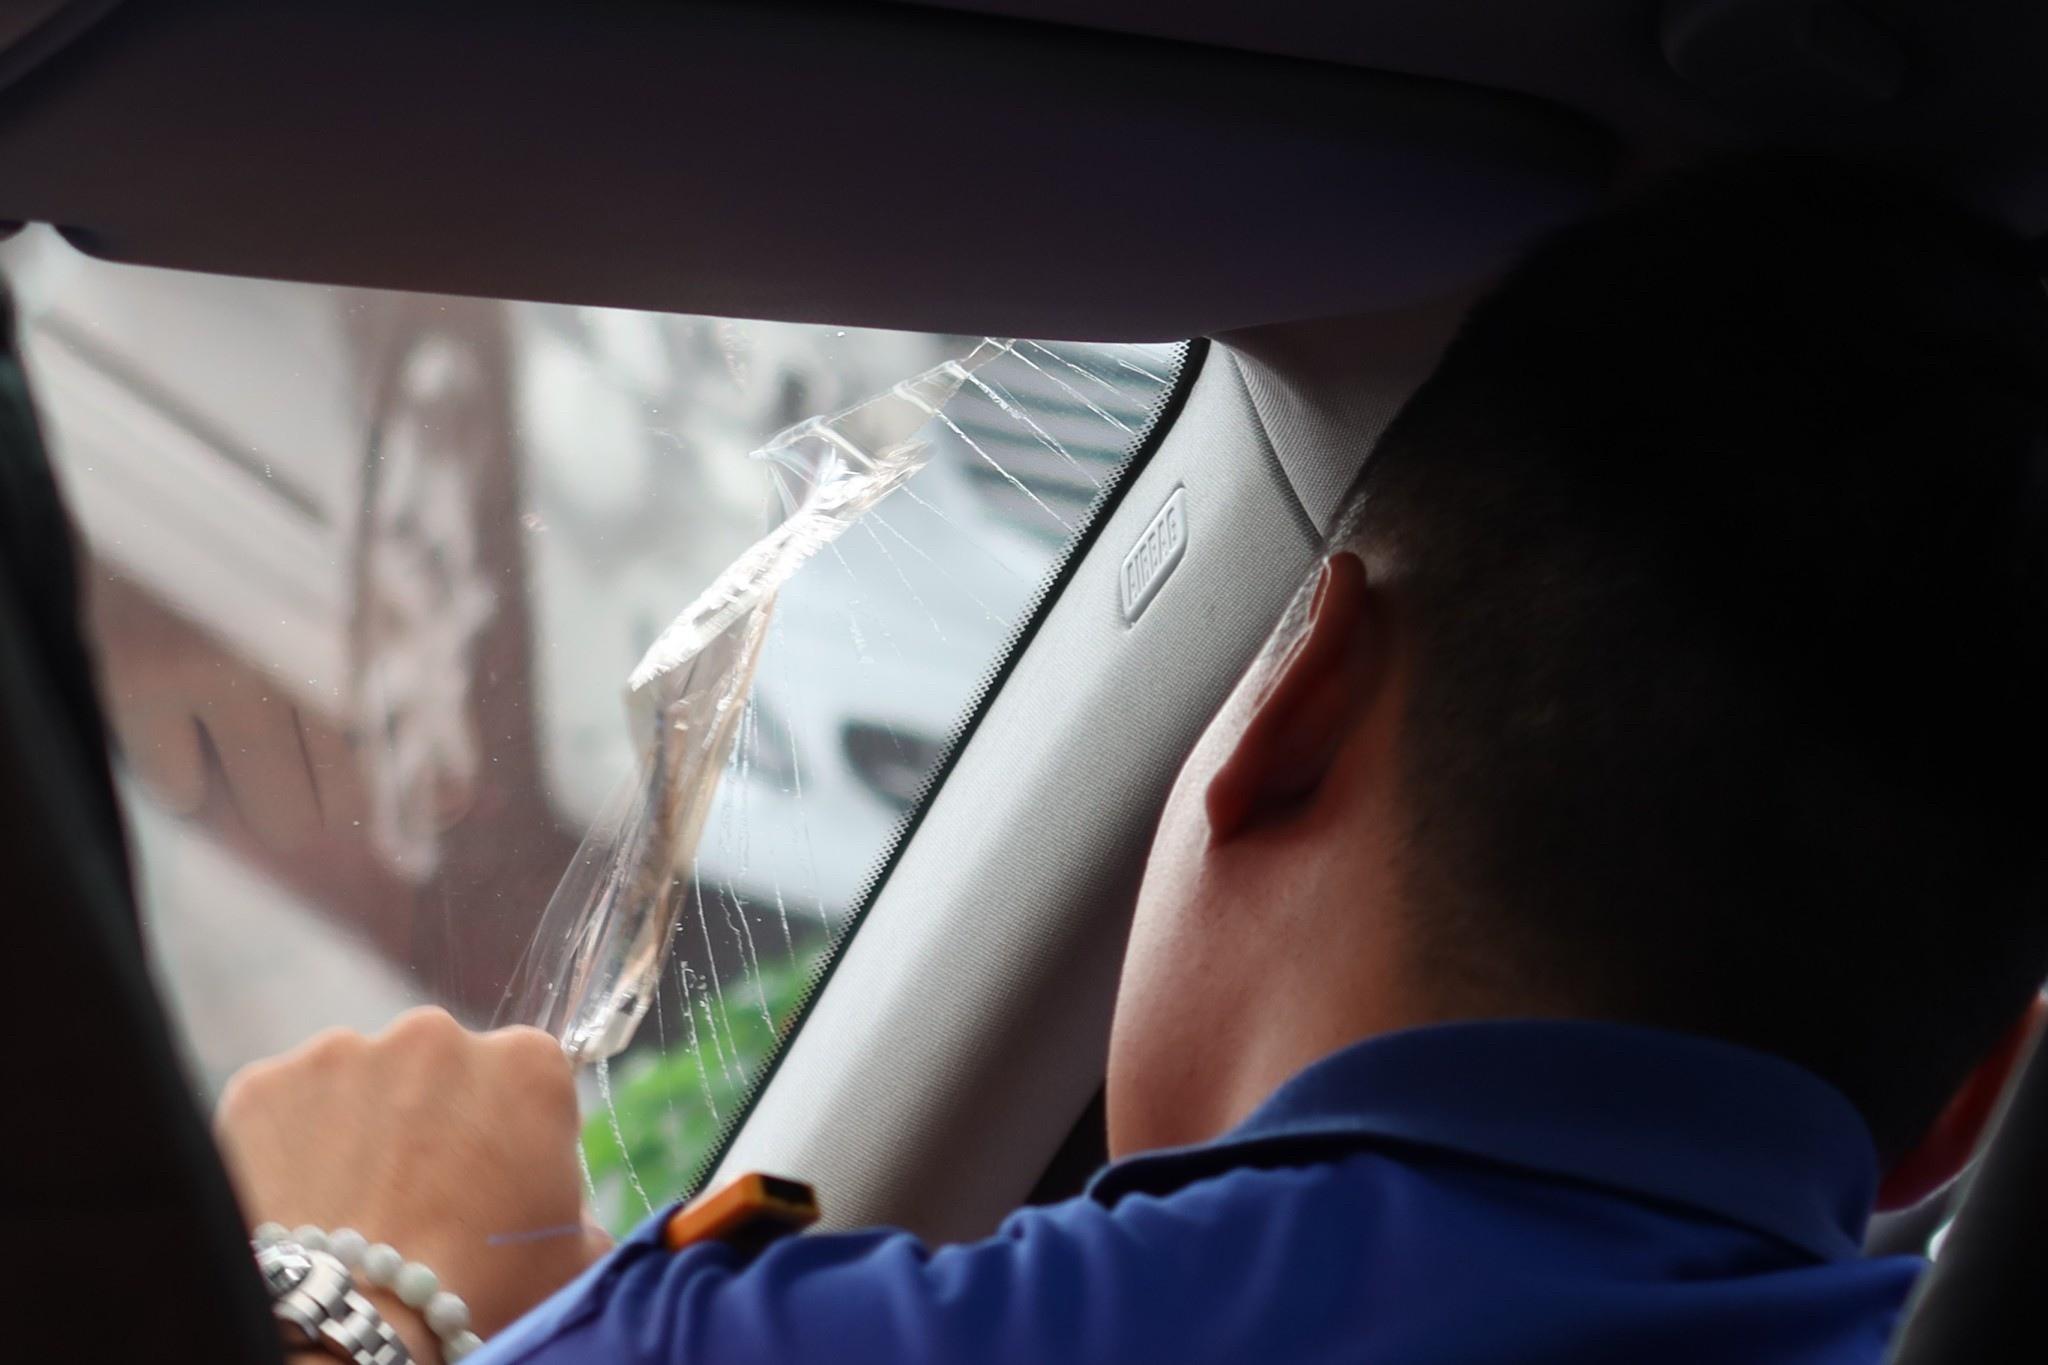 【台北內湖】聖唯汽車隔熱紙│15年以上經驗團隊【各大品牌隔熱紙專業施工,車窗無縫滿版】公開透明價格實惠,台北貼隔熱紙首選│舒熱佳汽車隔熱紙│內湖汽車隔熱